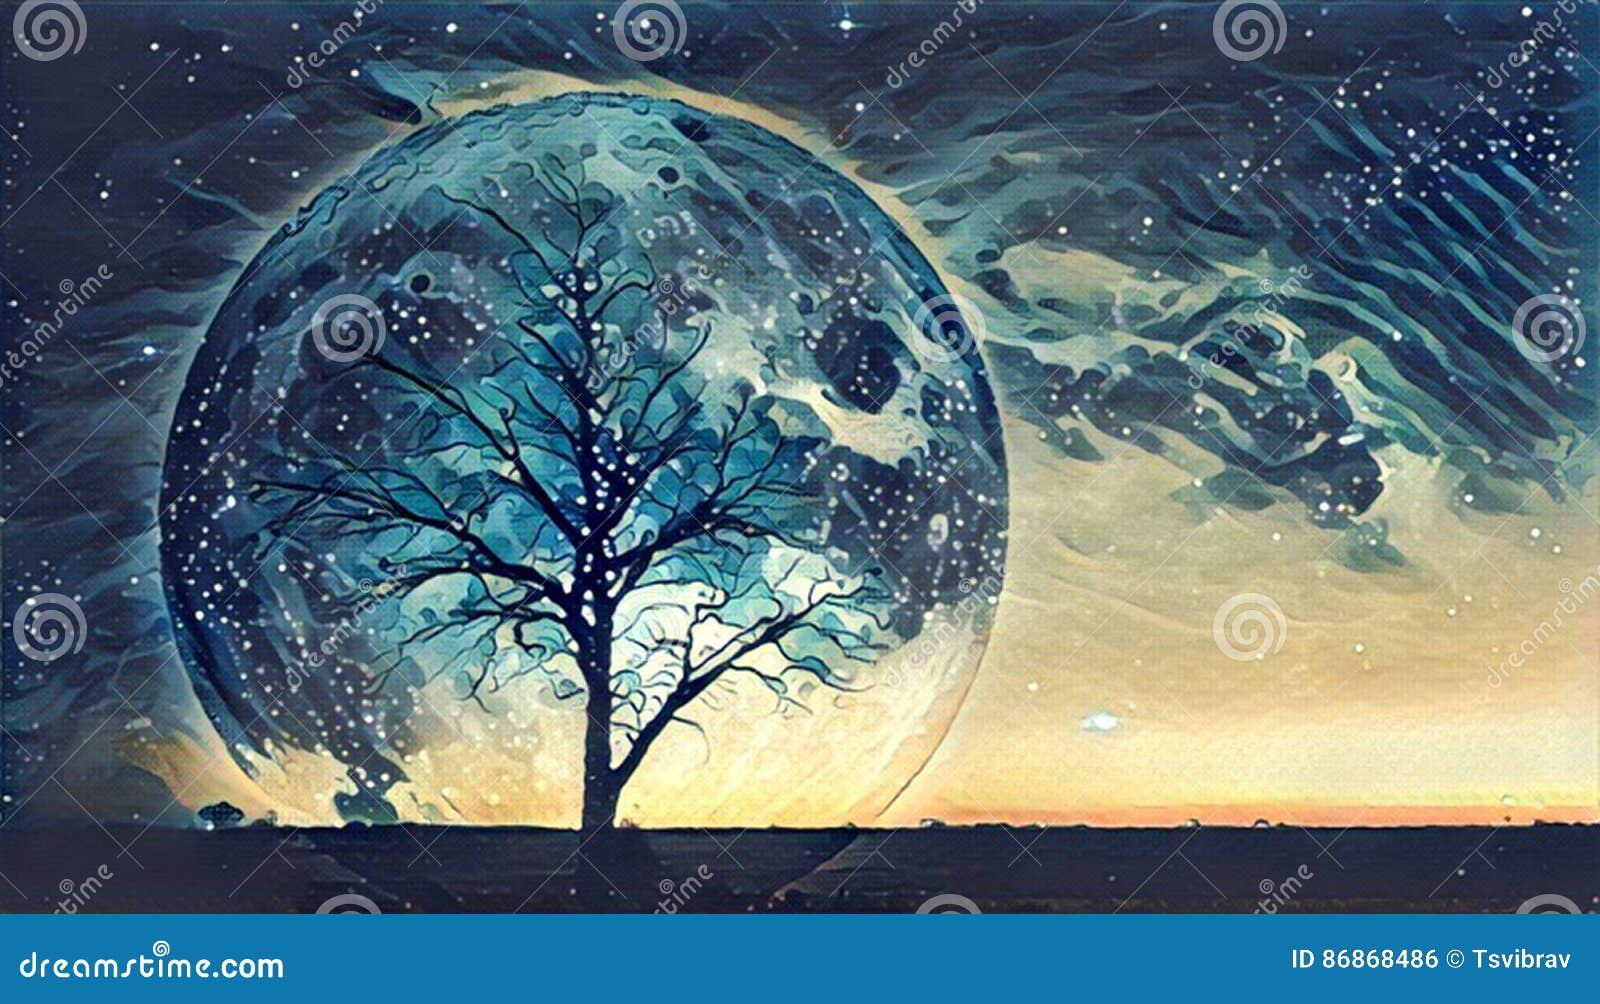 Иллюстрация ландшафта фантазии - сиротливое чуть-чуть острословие силуэта дерева